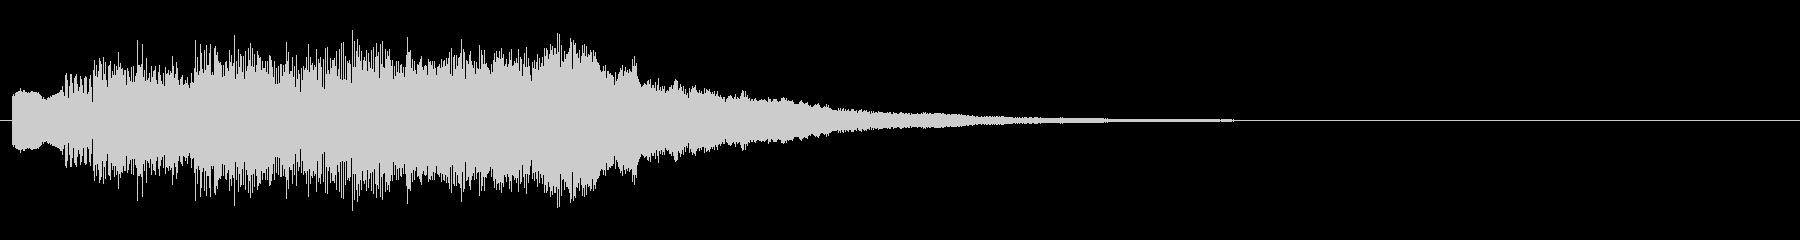 KANT シンセジングル 2121の未再生の波形